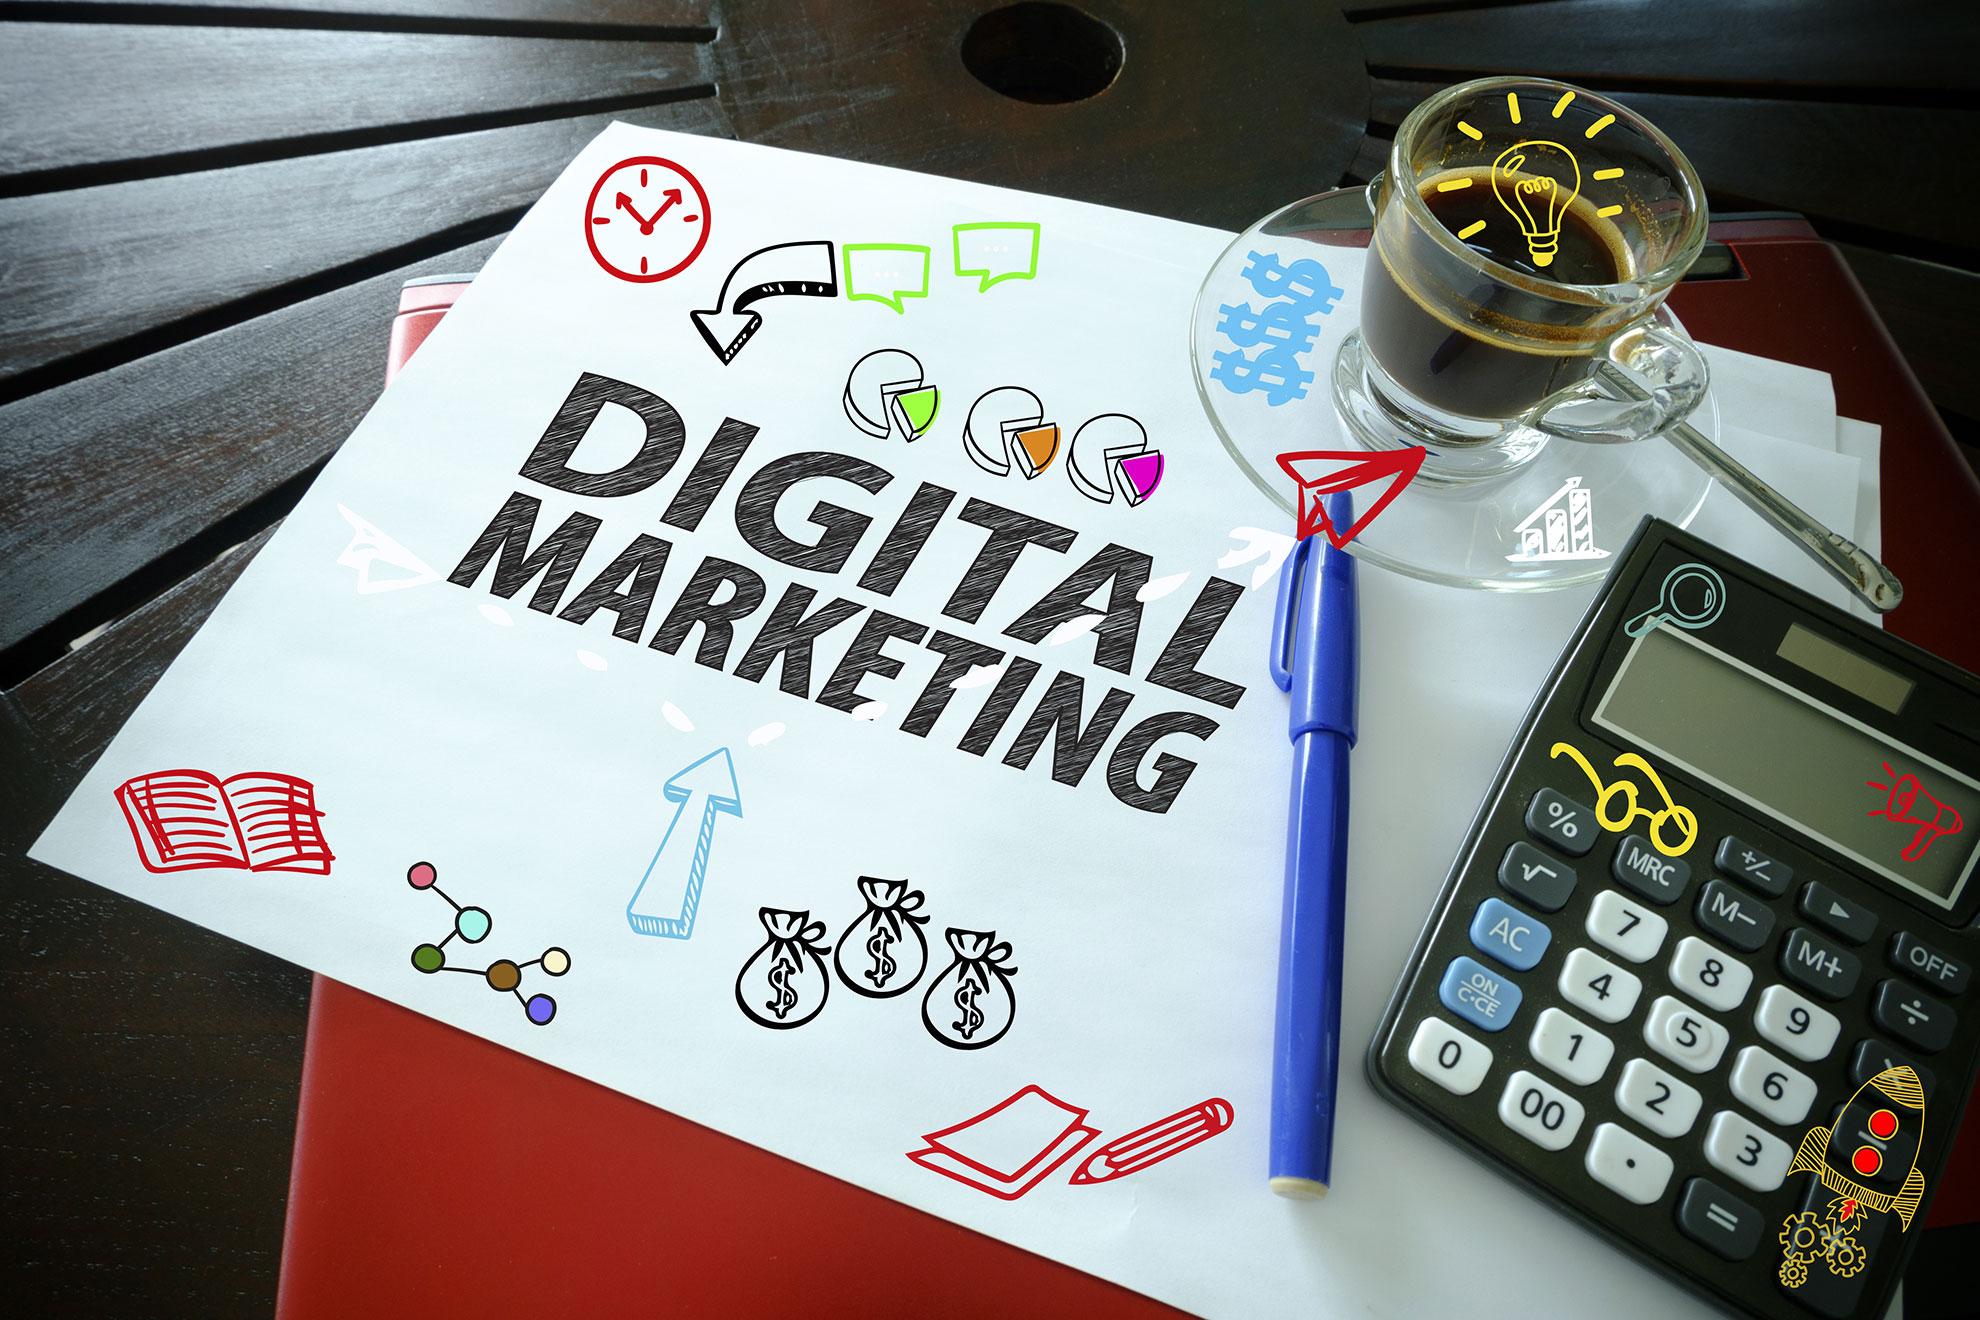 デジタルマーケティングトレーダー(広告運用コンサルタント)